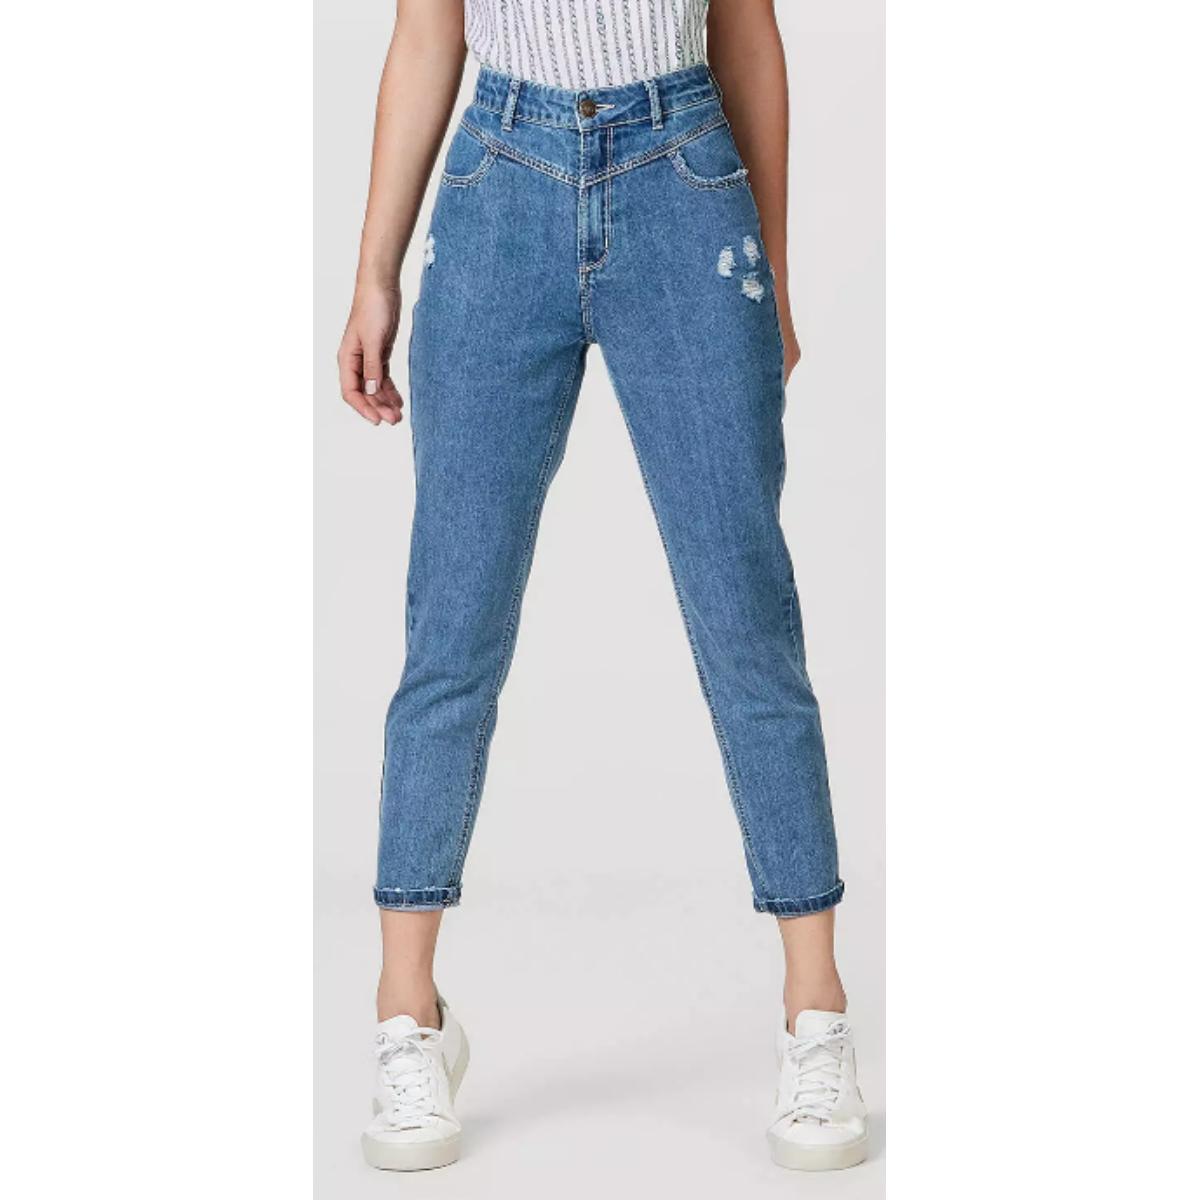 Calça Feminina Hering H97x 1bej Jeans Escuro